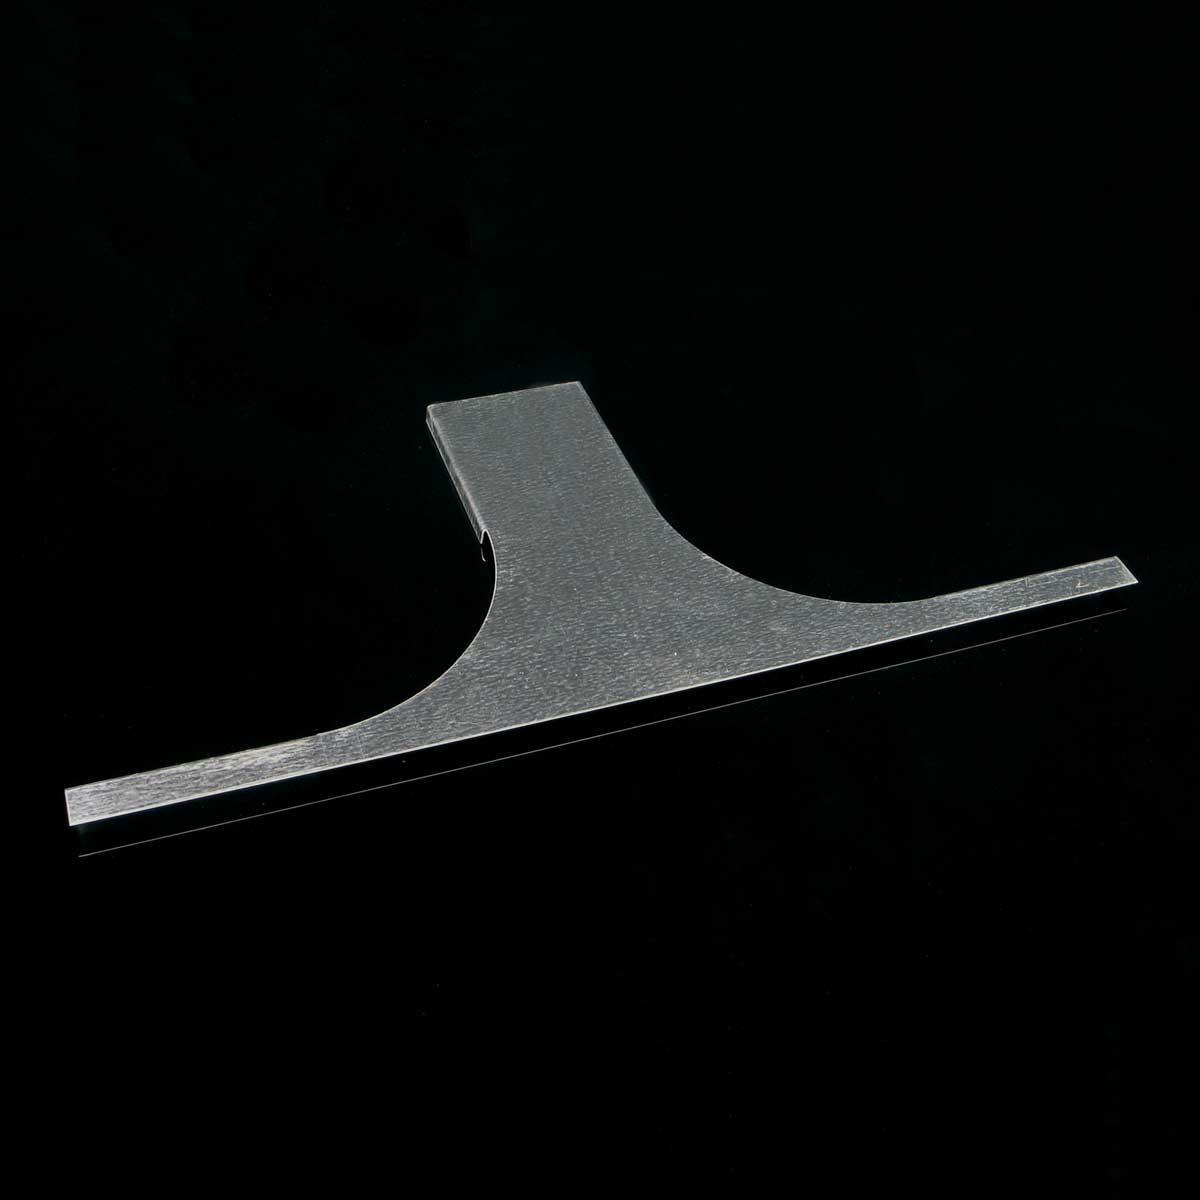 Кришка горизонтального відгалуження для лотка JUPITER; розміри-15x500x903mm Товщ. метал-1мм Вага-1,06кг/м